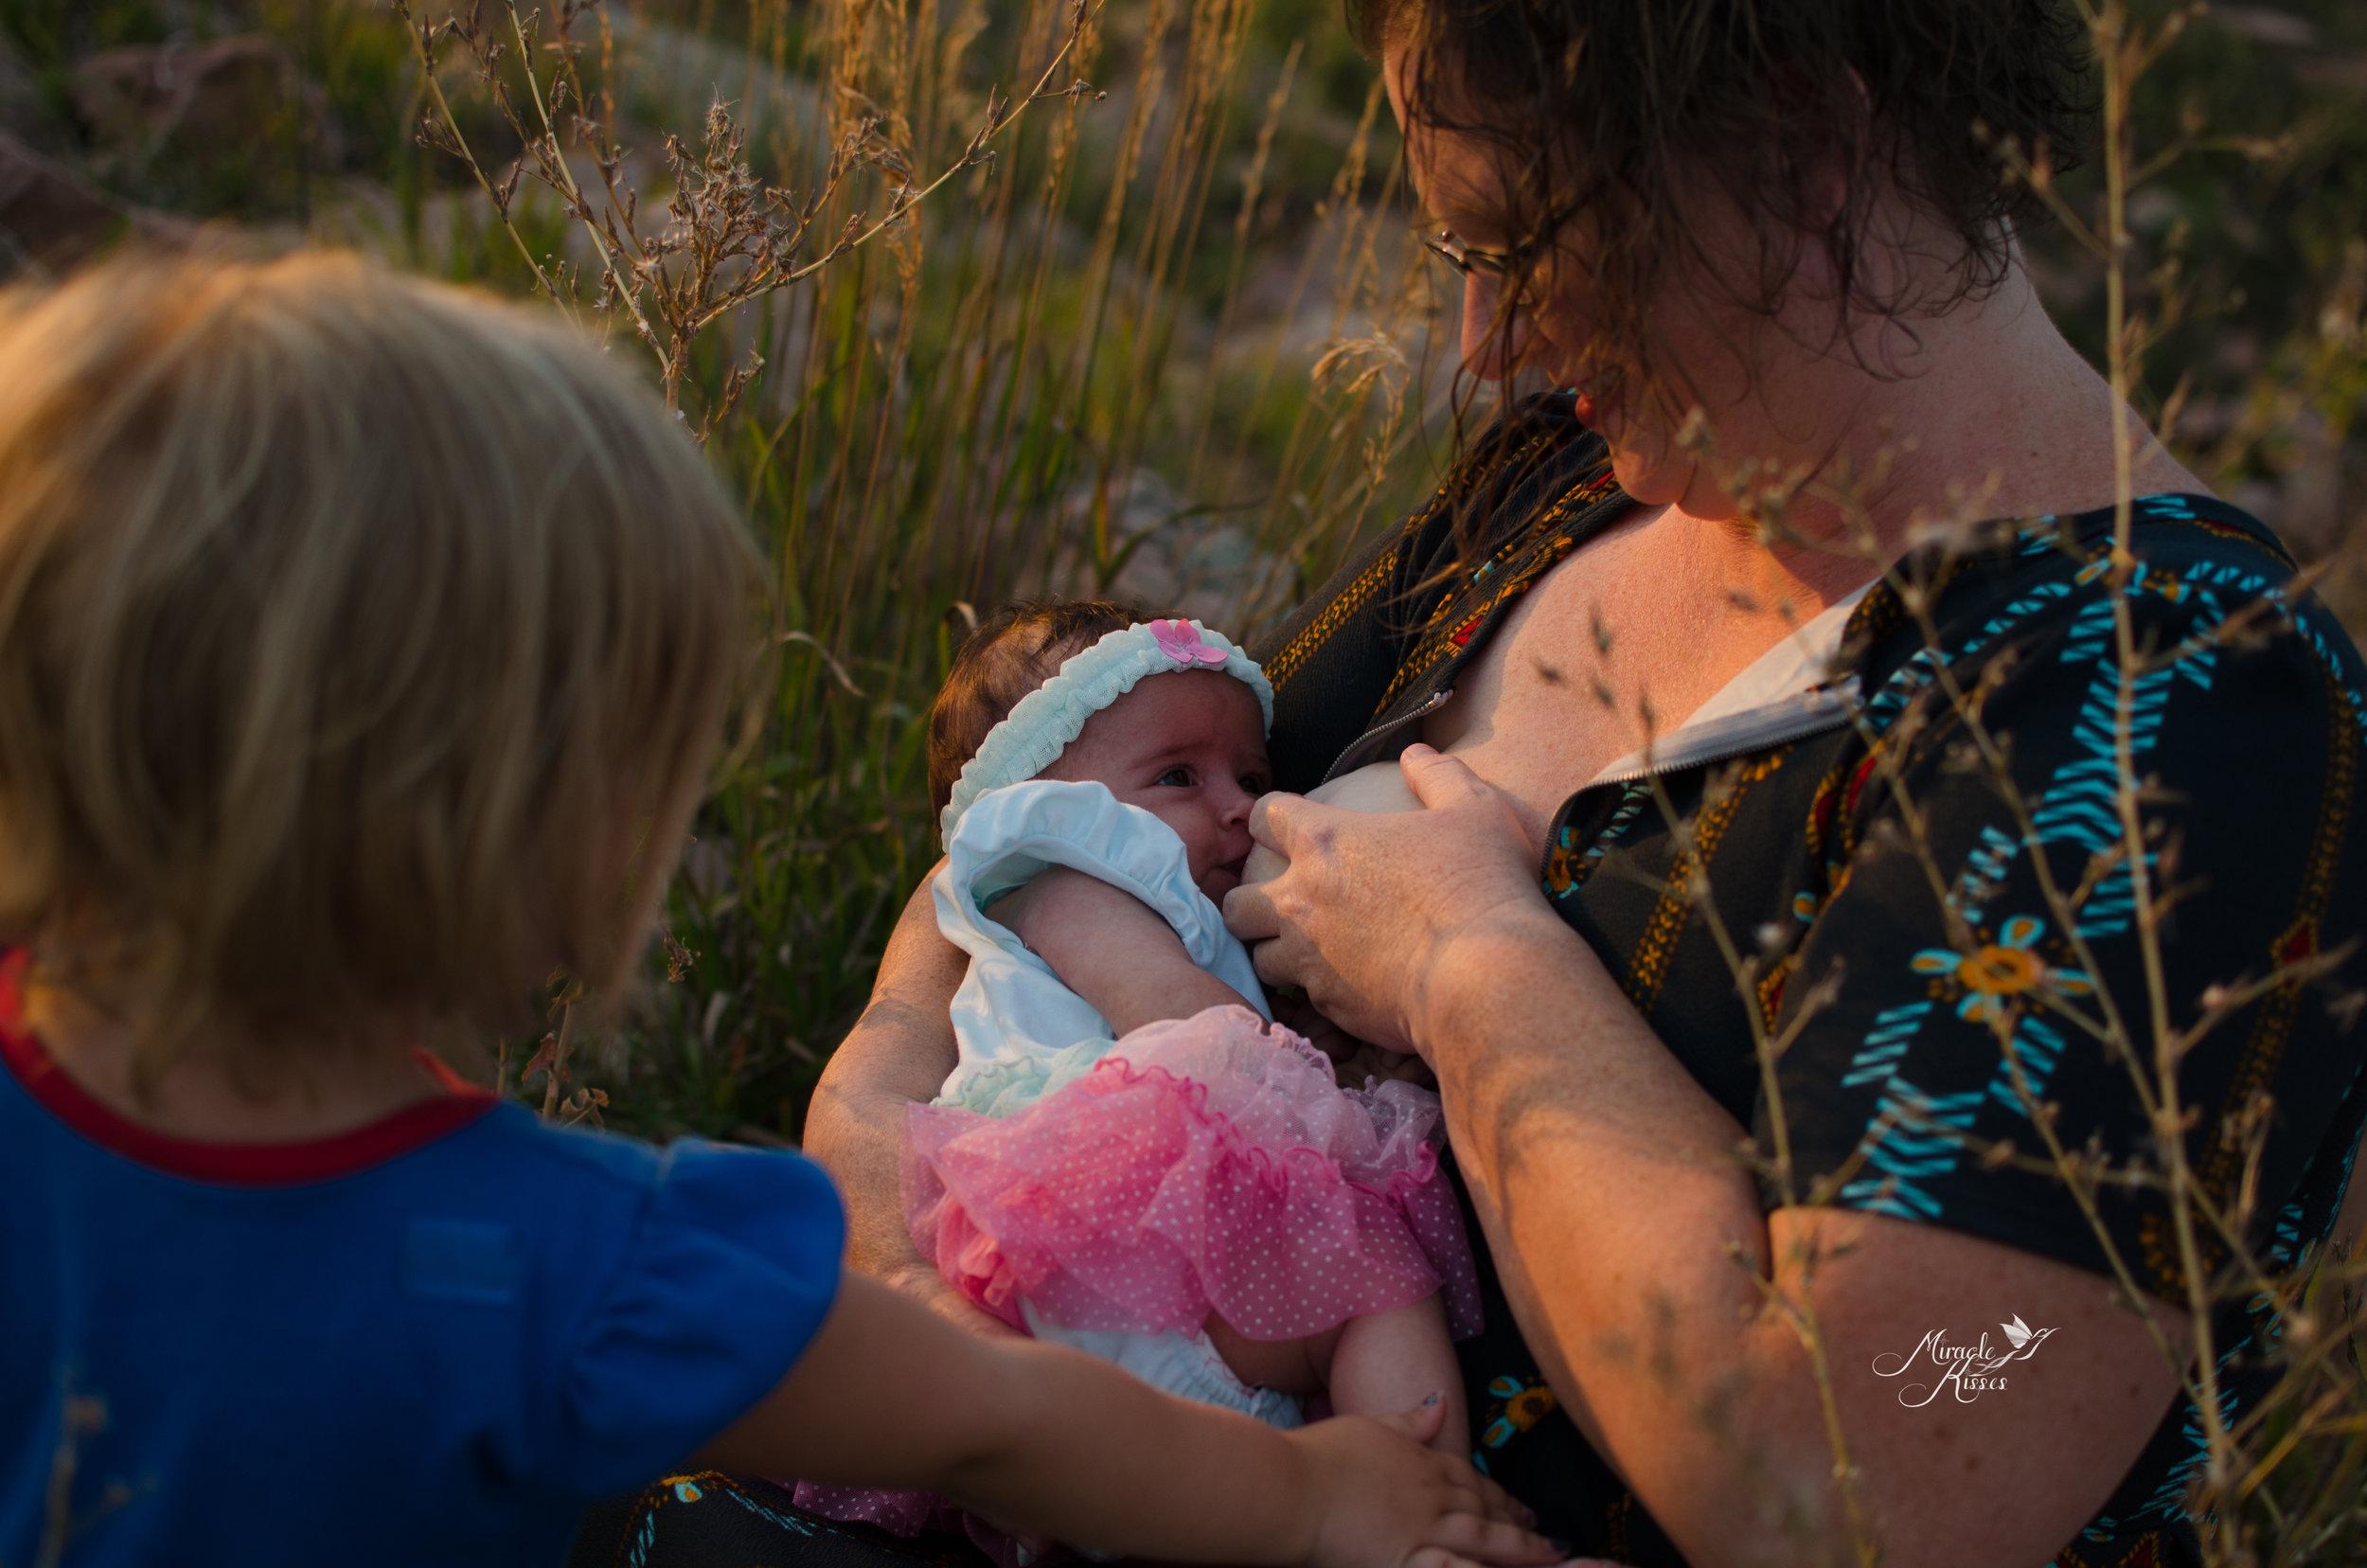 breastfeeding help, sibling love, all girls